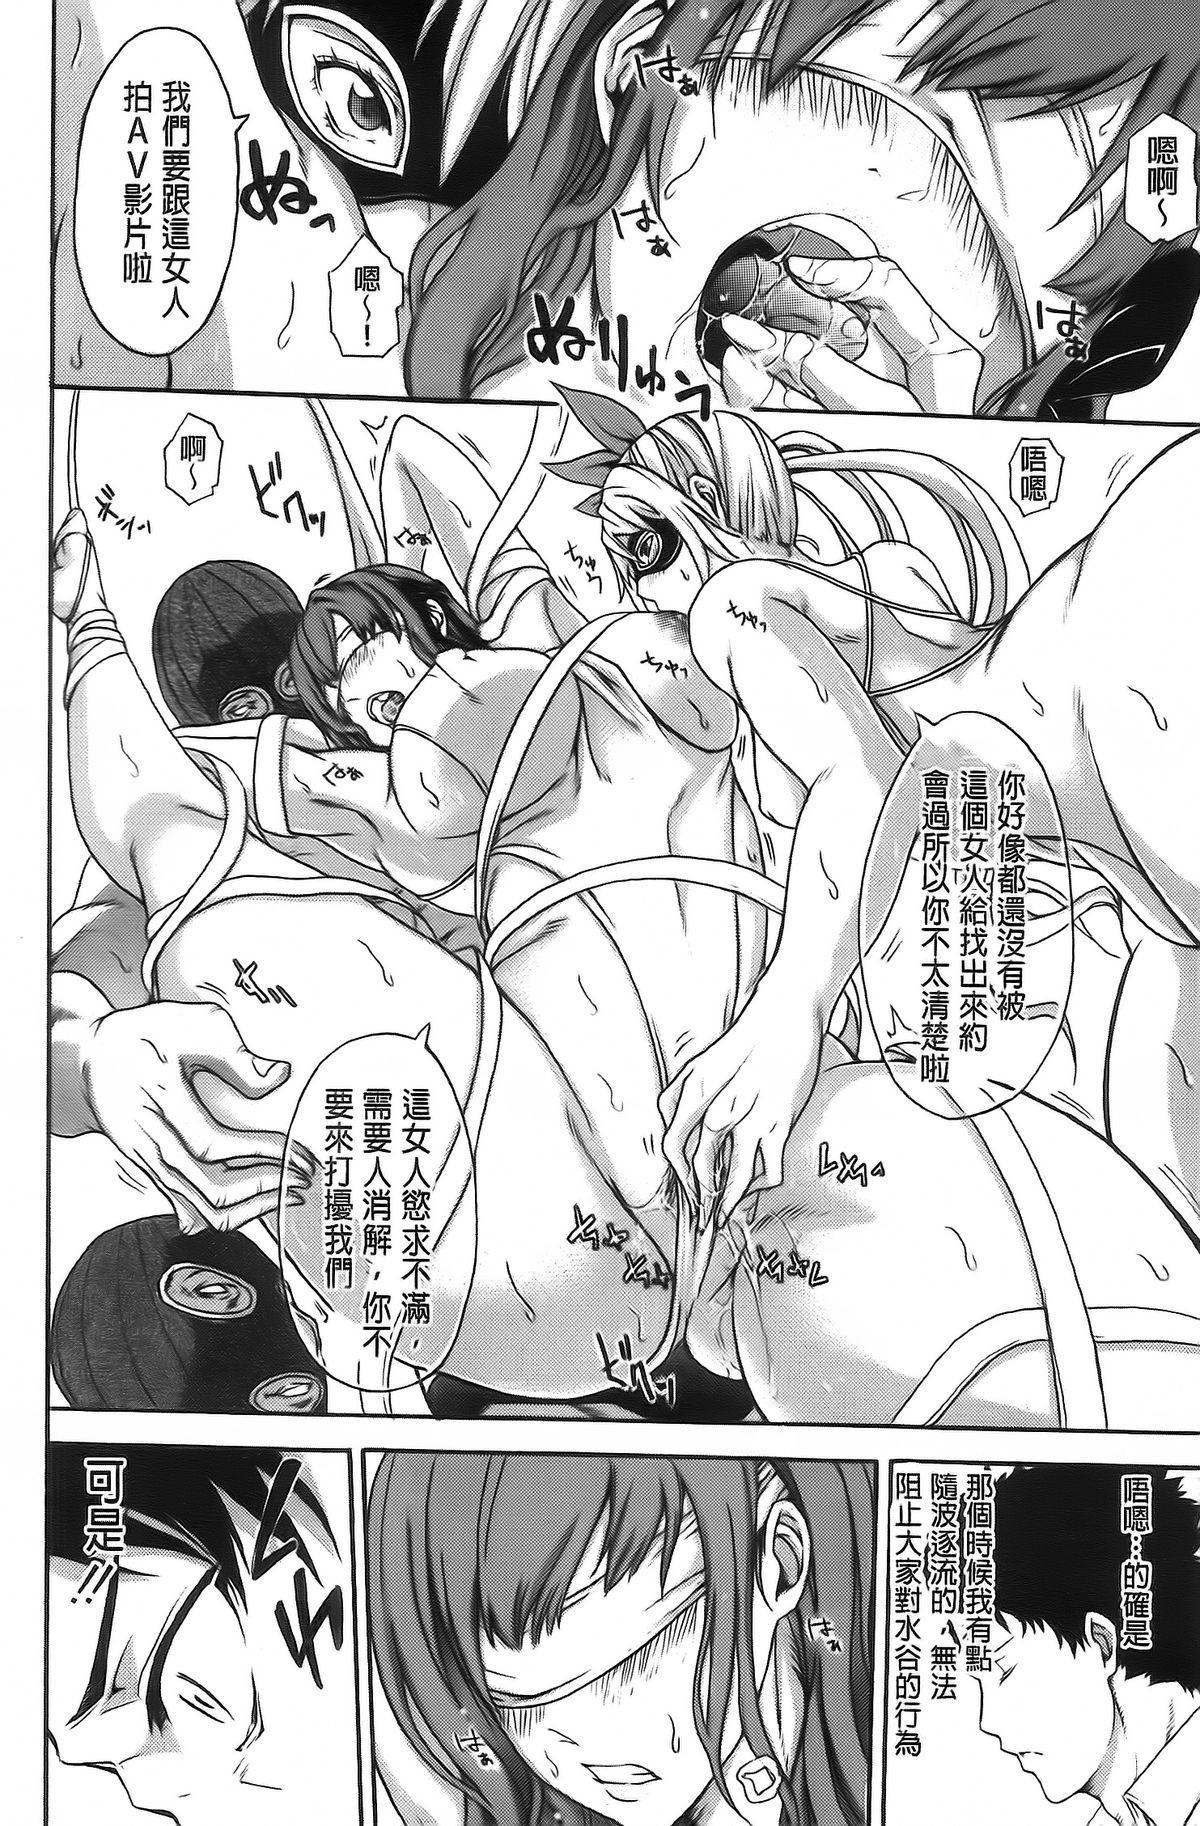 Bukatsu shoujo to amai ase 225